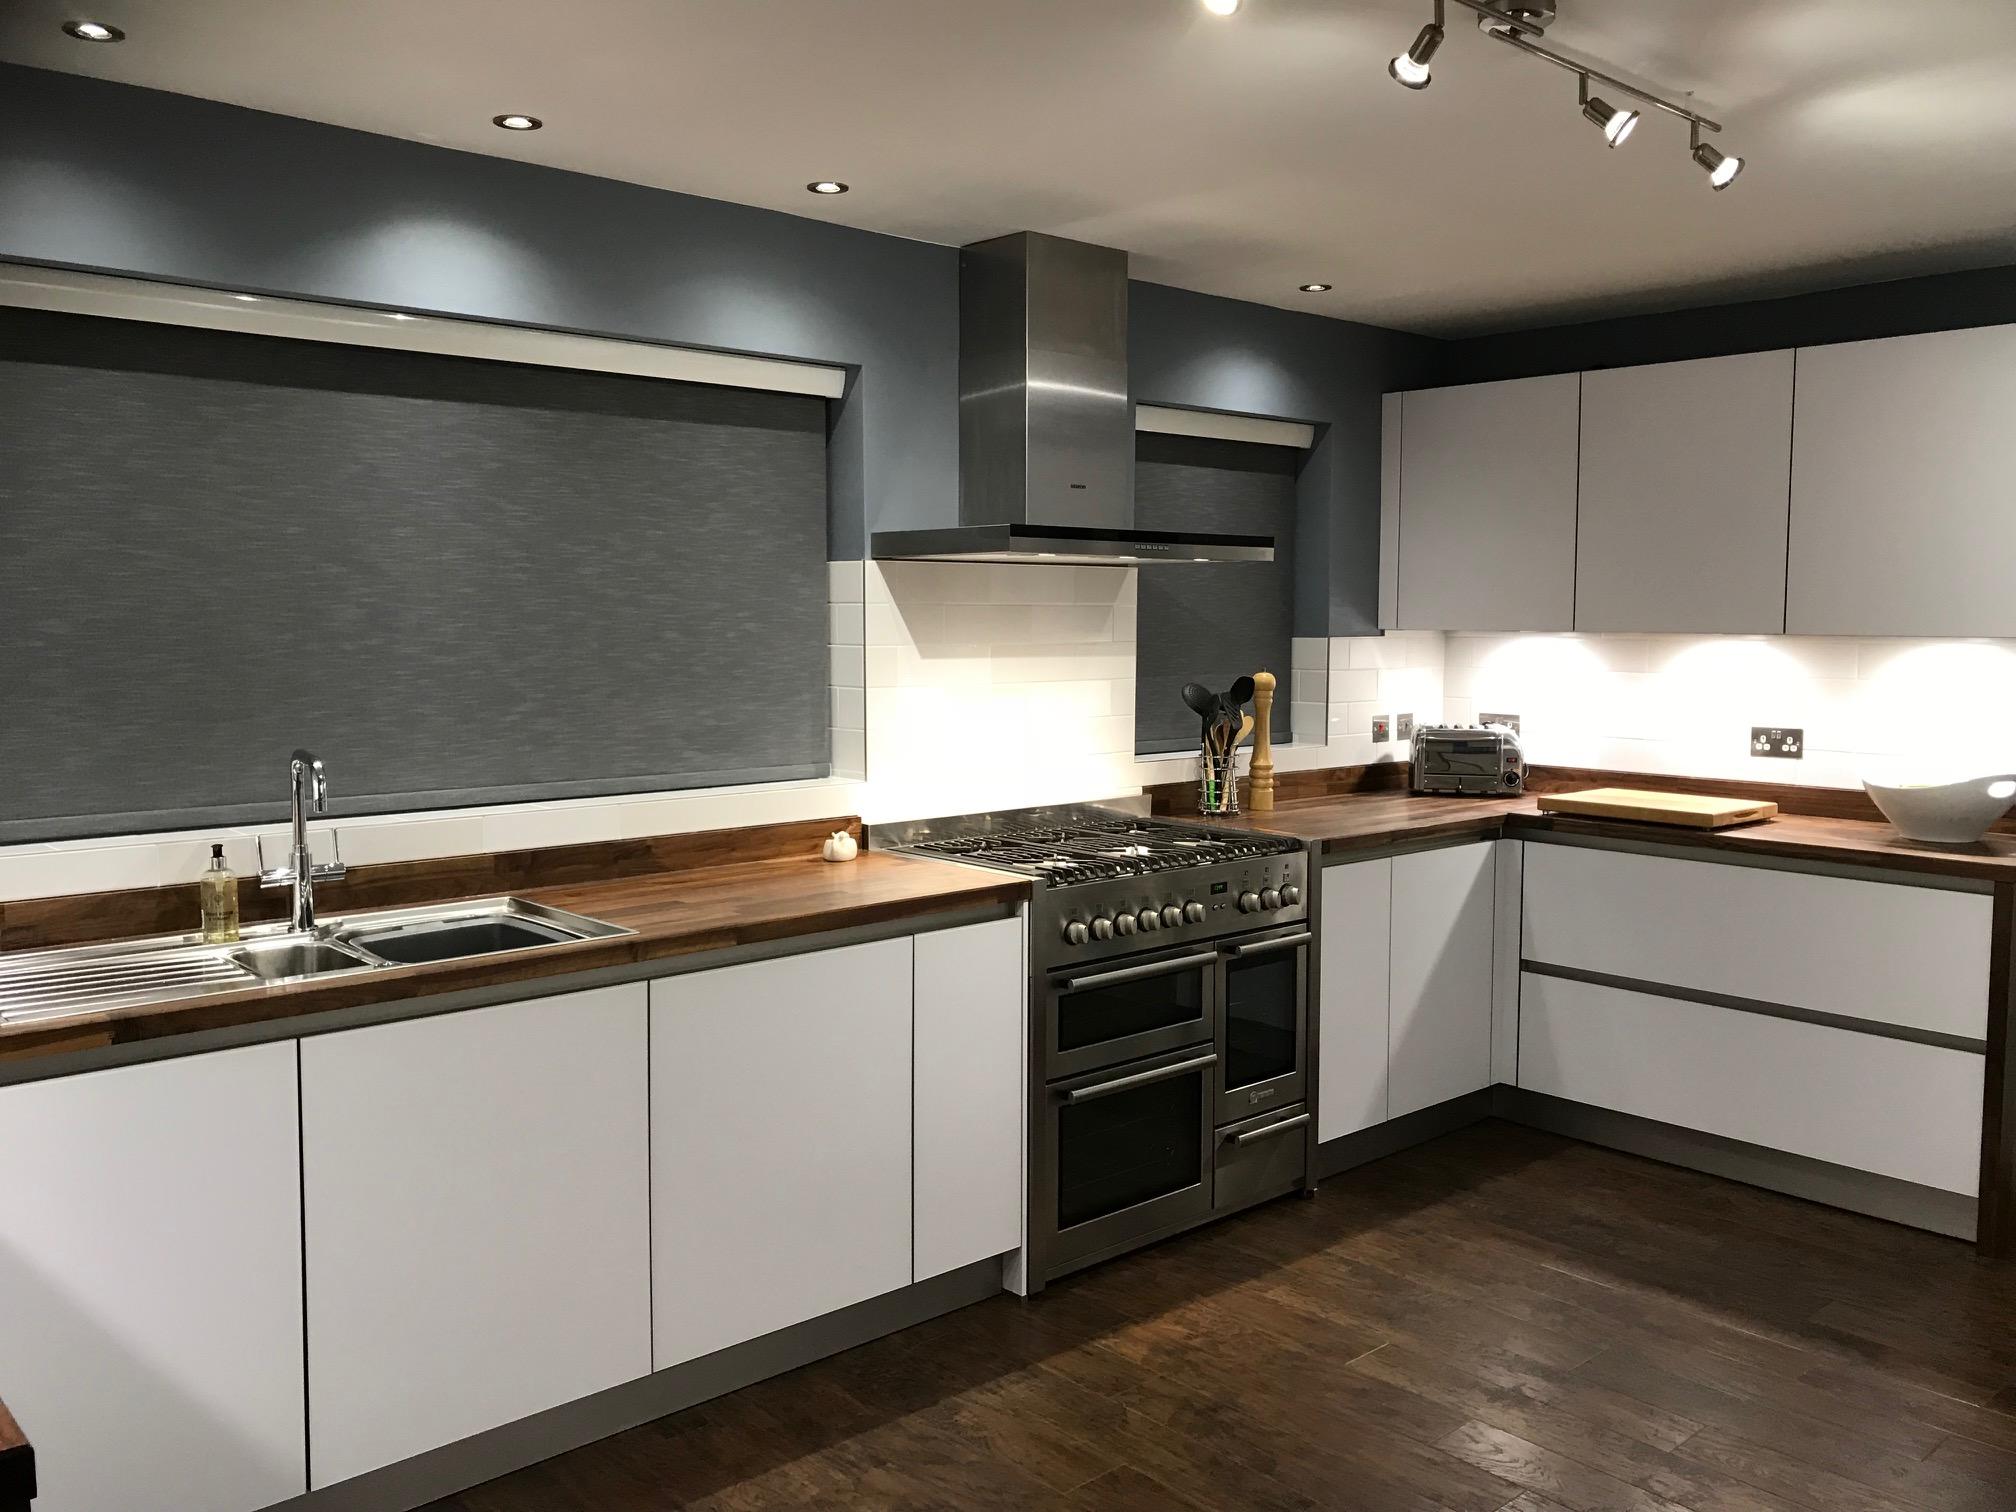 Schuller Next 125 Glassline Kitchen in NX902 Polar White Satin